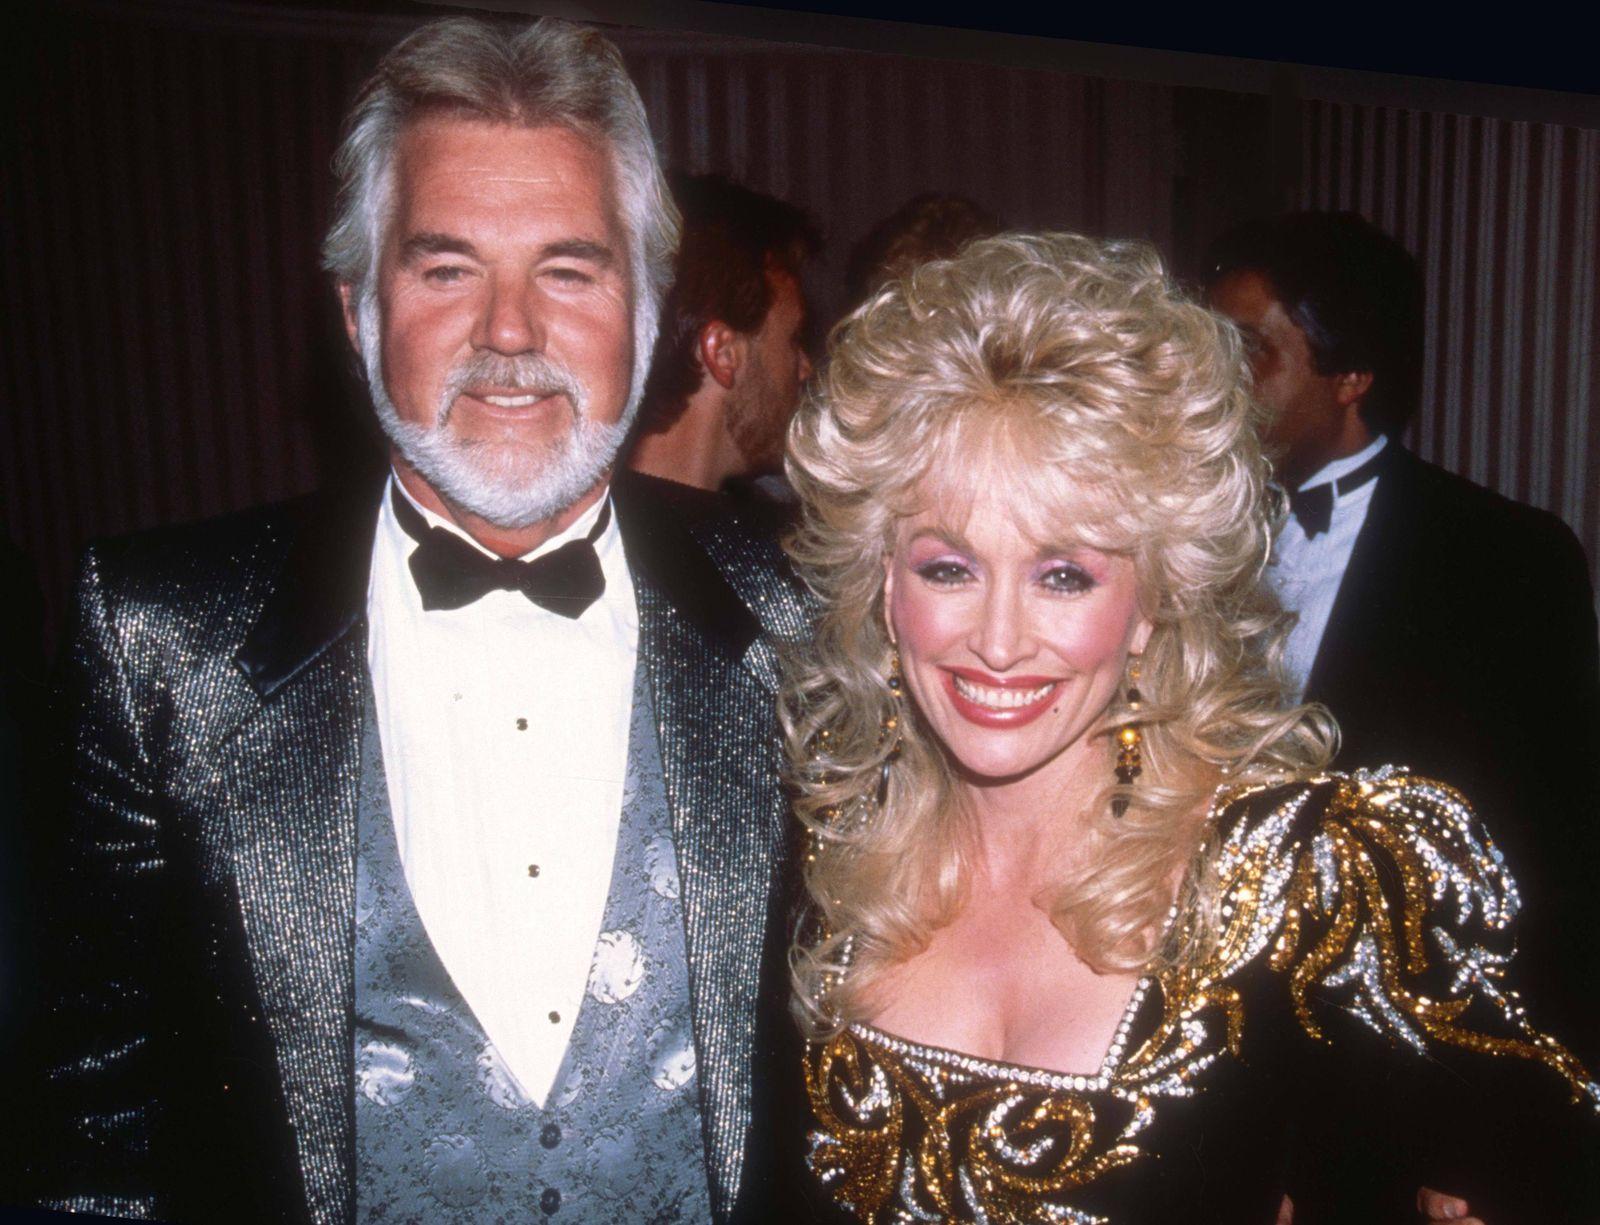 Kenny Rogers Dolly Parton in 1988 PUBLICATIONxINxGERxSUIxAUTxONLY Copyright: xAdamxScull/Photolink/MediaPunchx